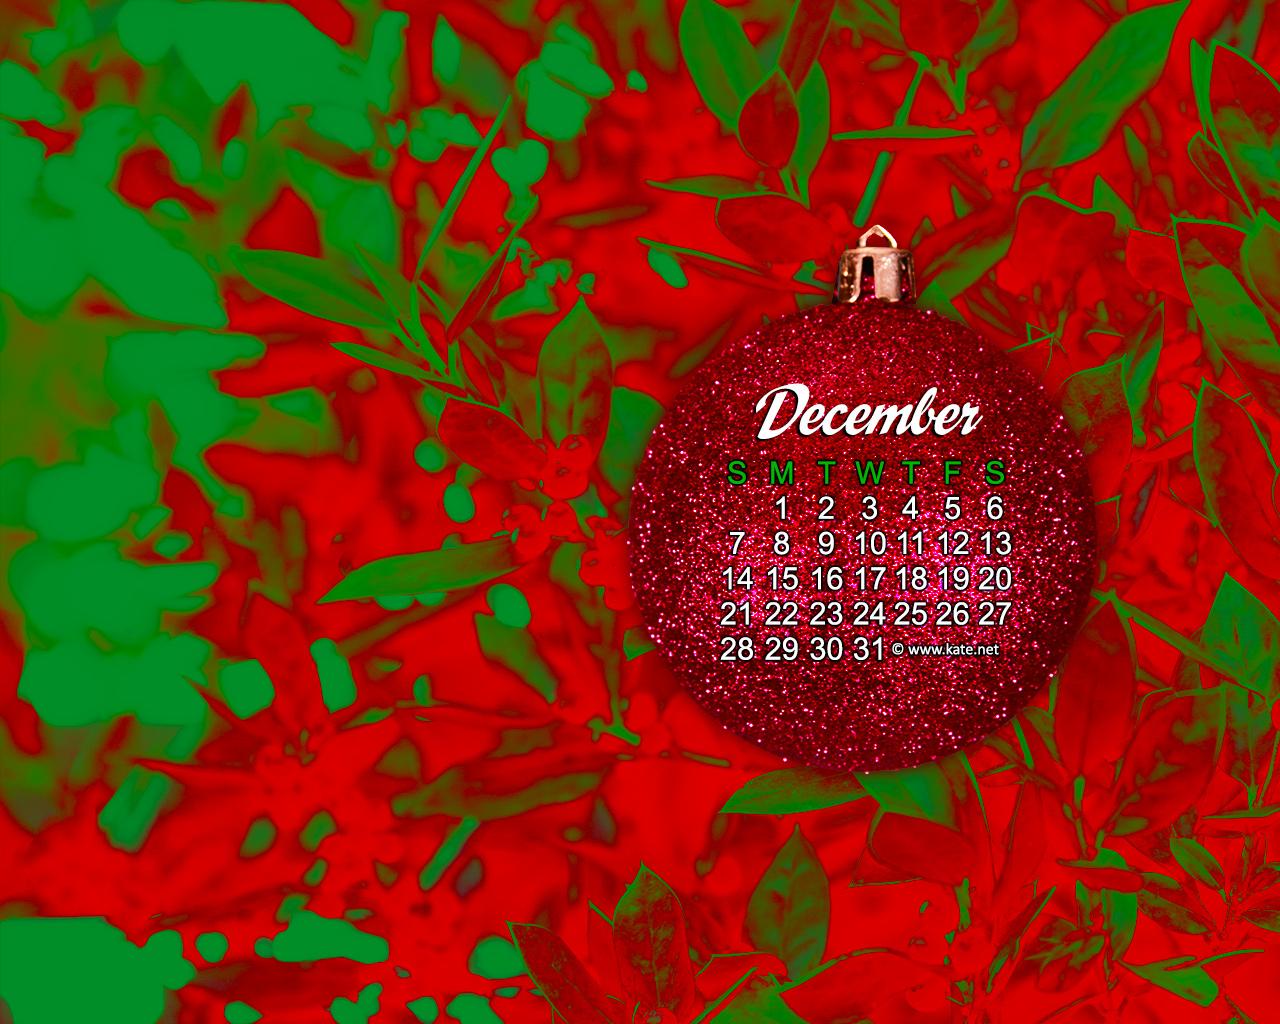 December 2014 Calendar Wallpaper 1280x1024